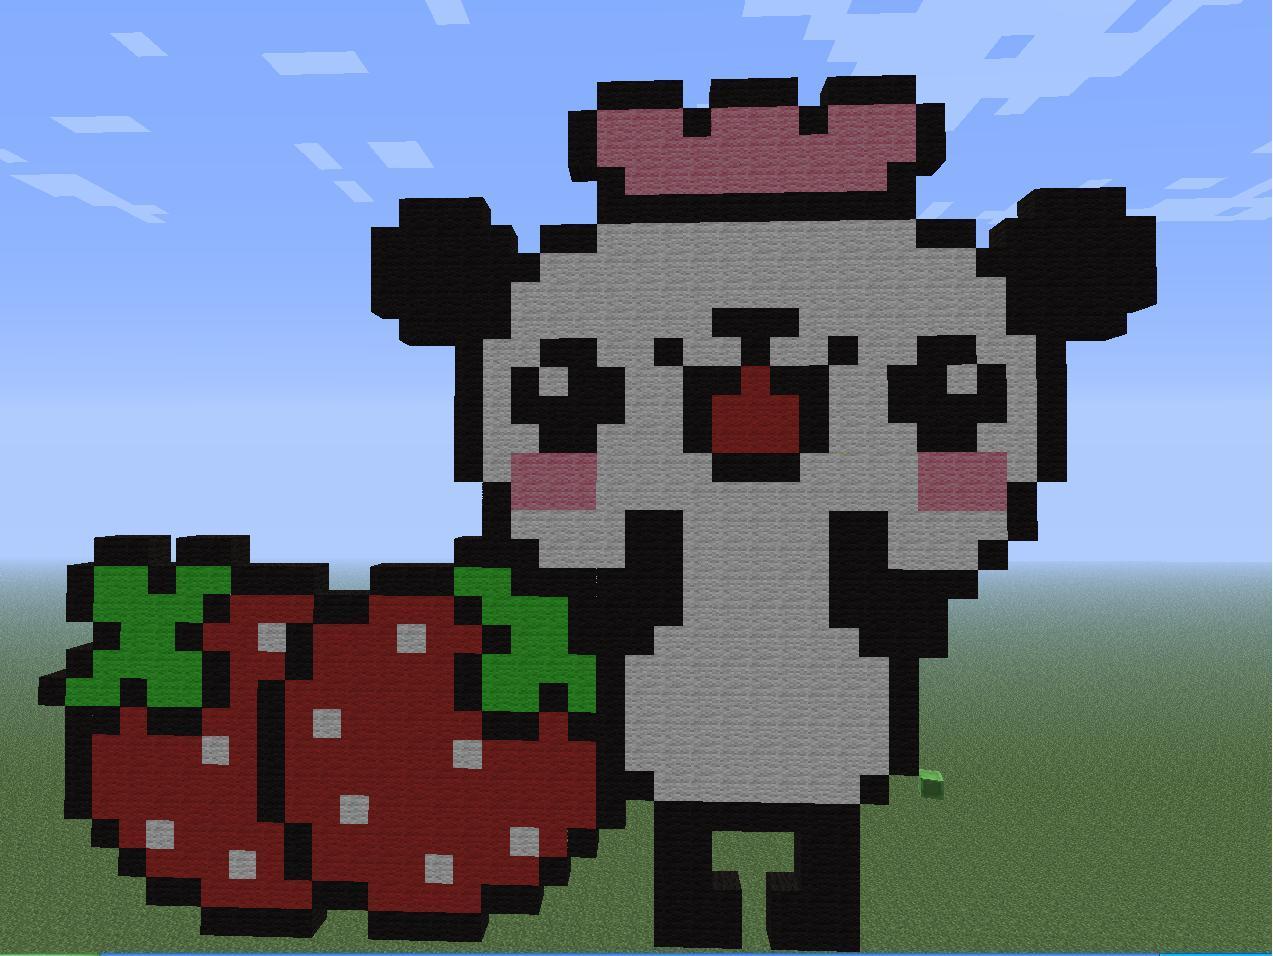 Bunny In Minecraft Build